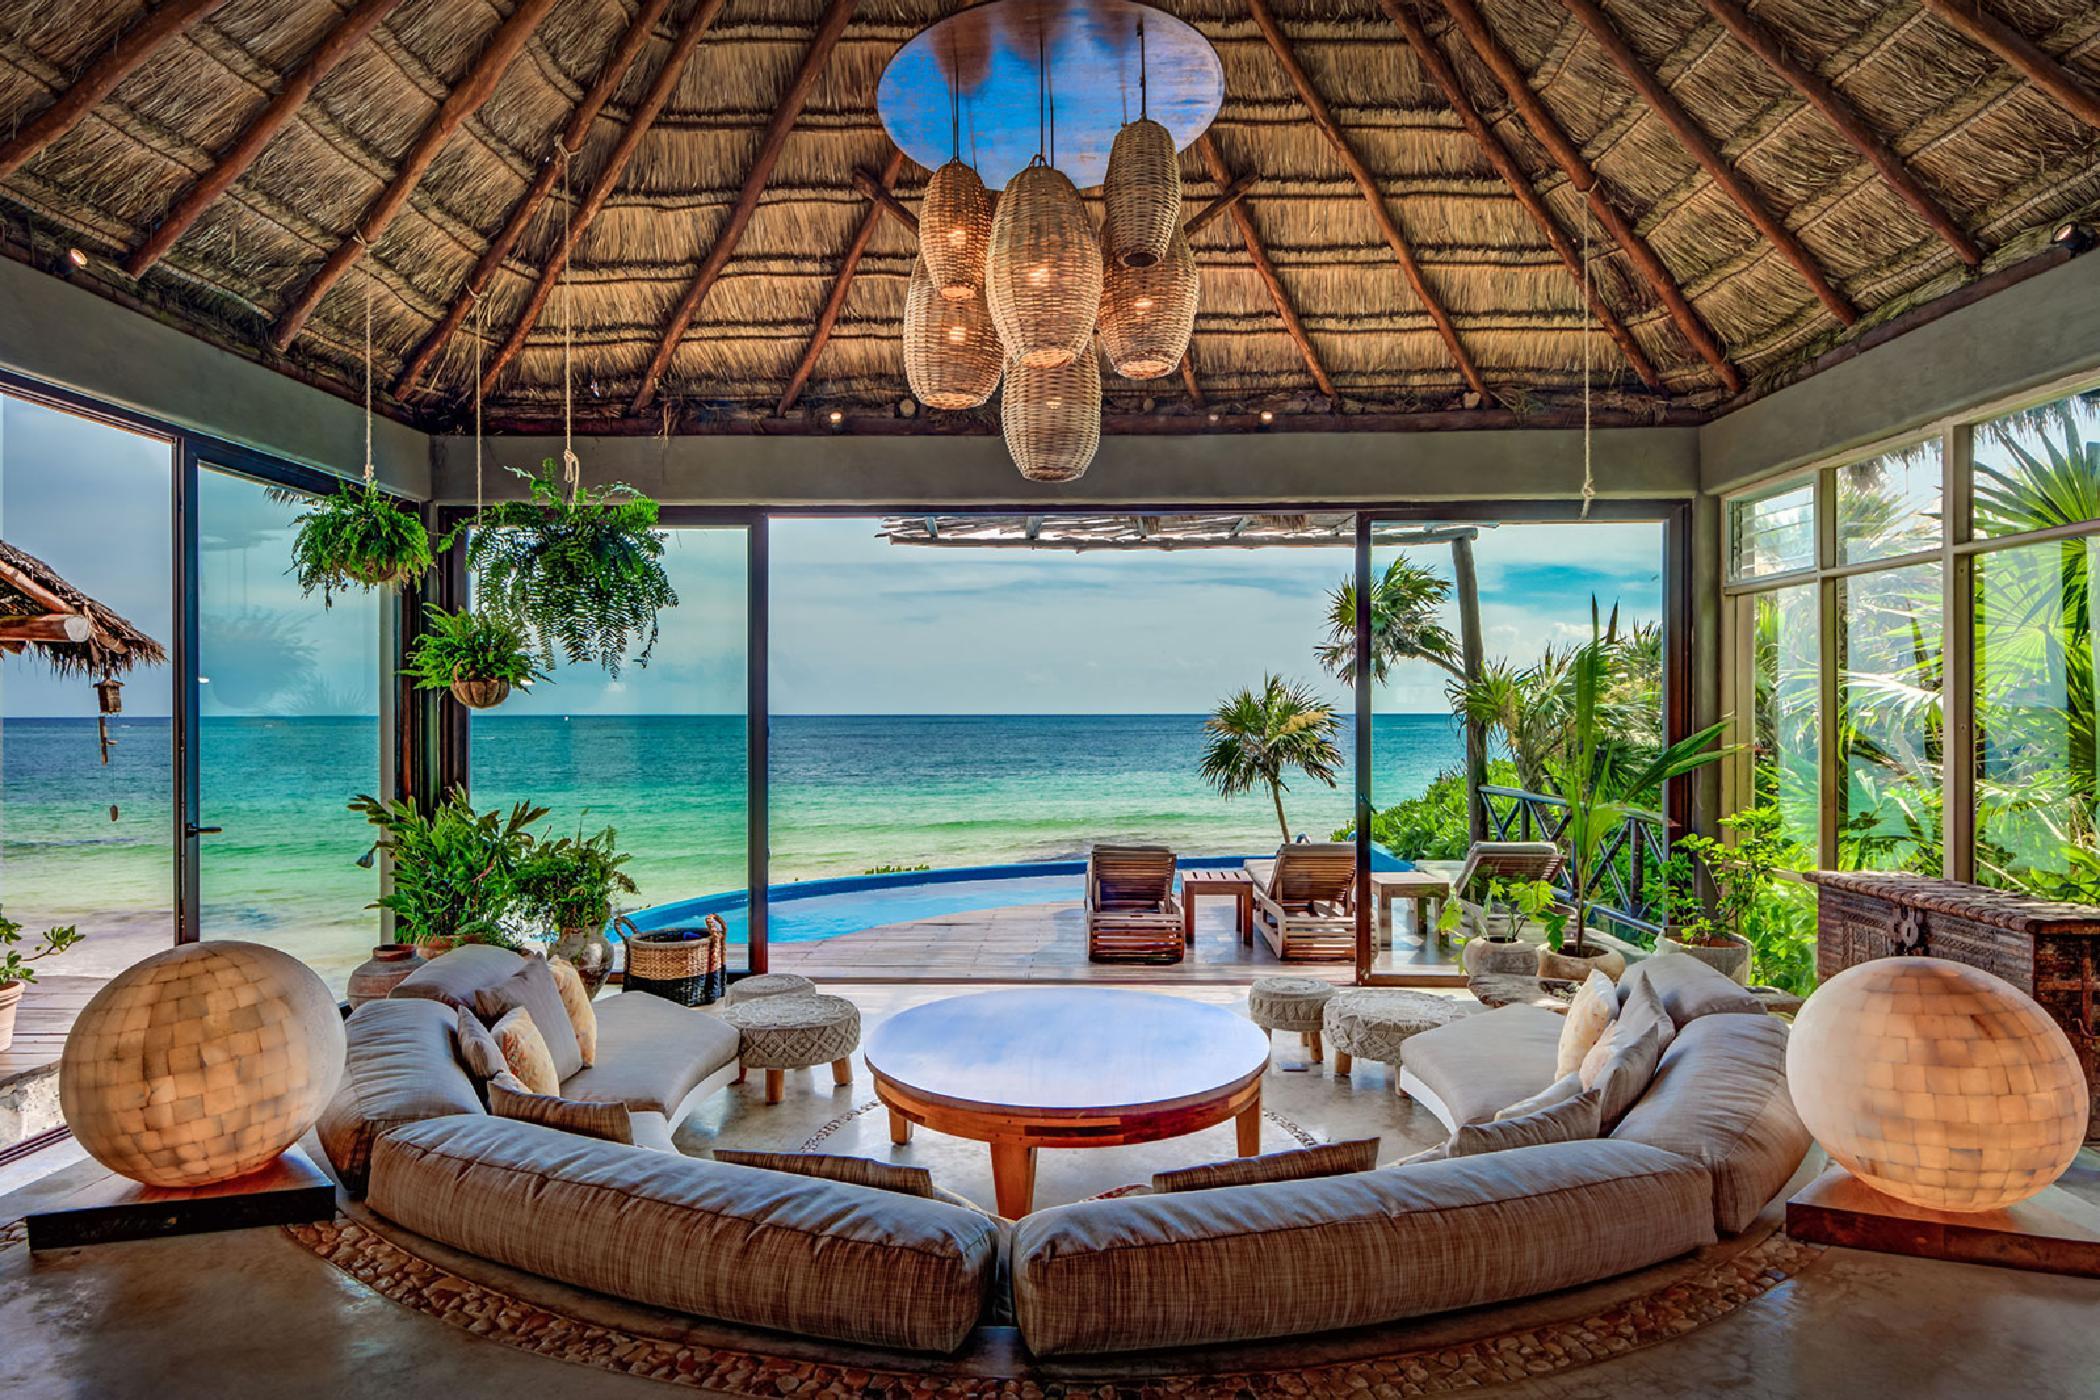 Maya_Luxe_Riviera_Maya_Luxury_Villas_Experiences_Tulum_Beach_5_Bedrooms_Villa_Miramar_16.jpg